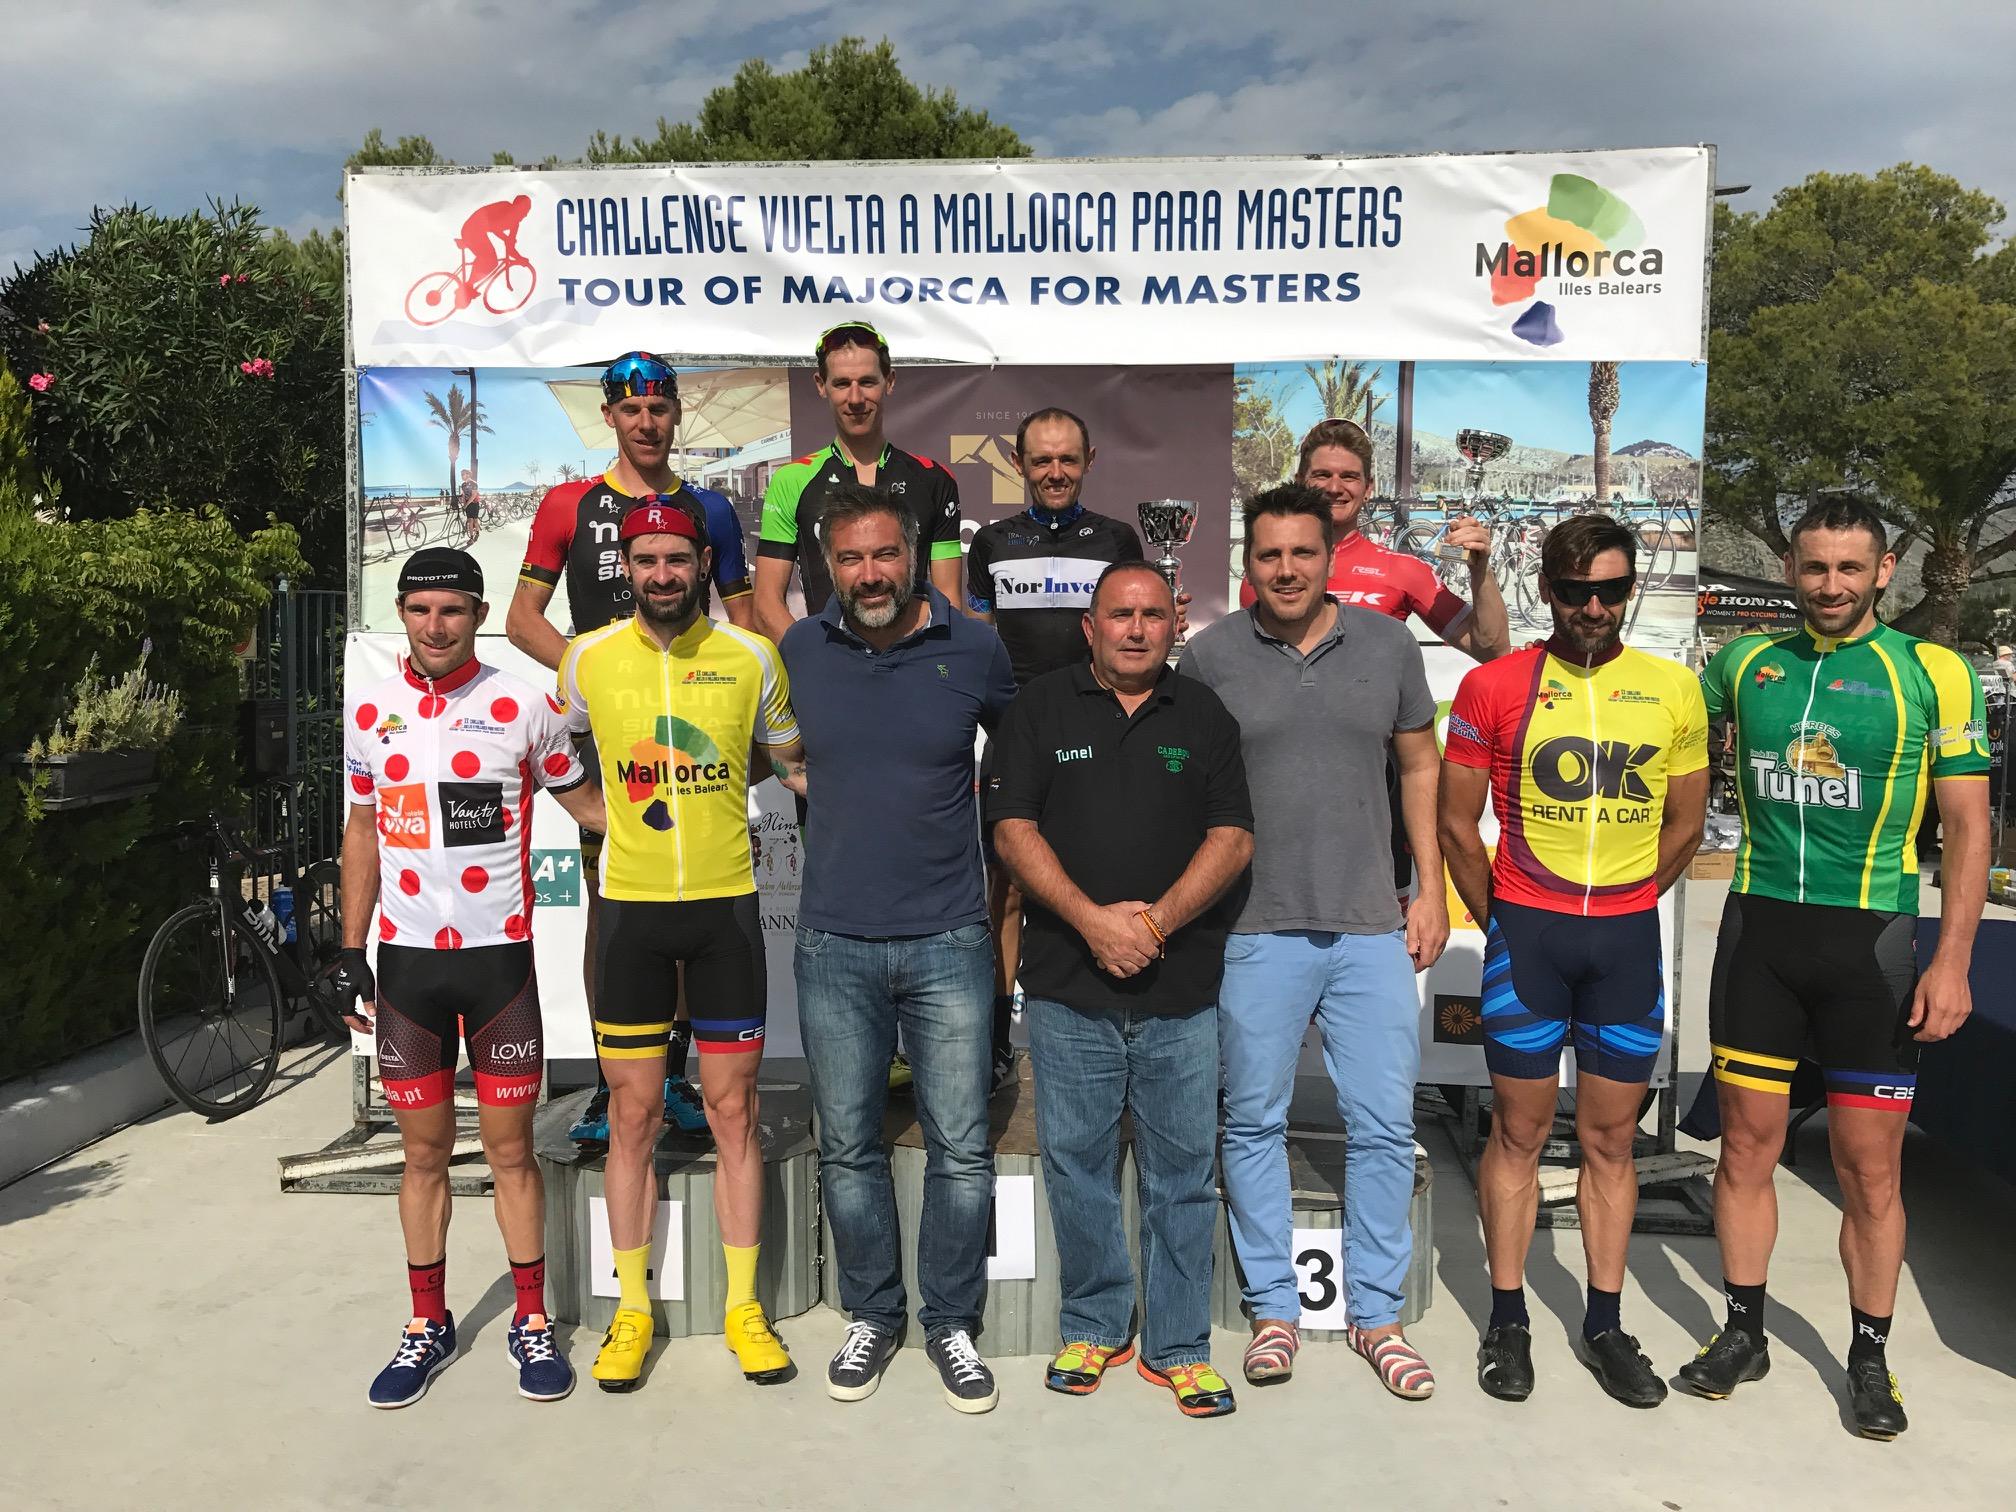 ChallengeVueltaMallorca2017_2a_etapa_podium_01